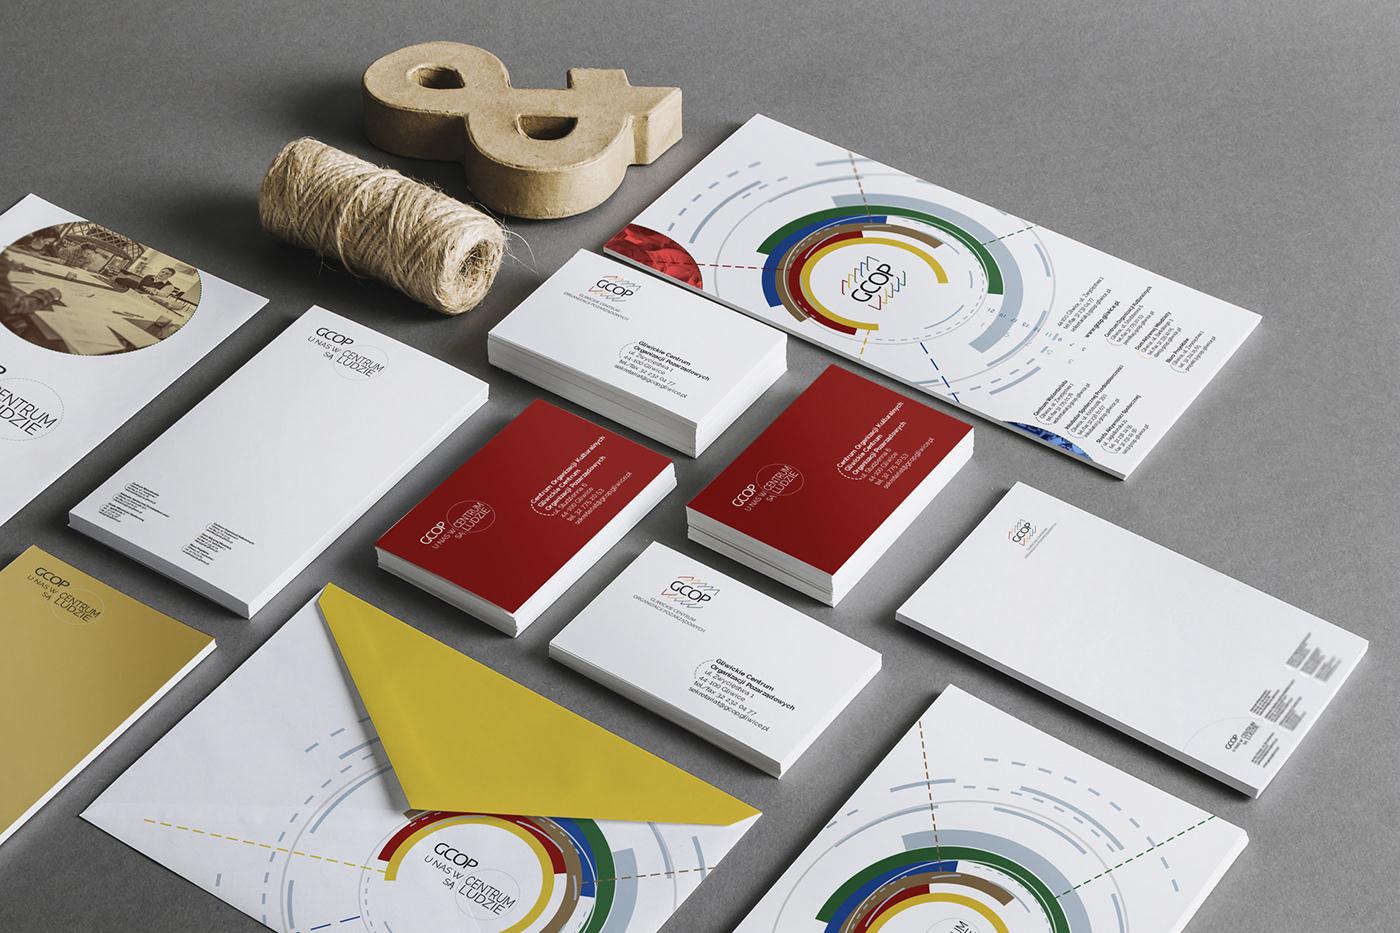 projekt logo projektowanie graficzne identyfikacja wizualna FOTOGRAFIA reklamowa